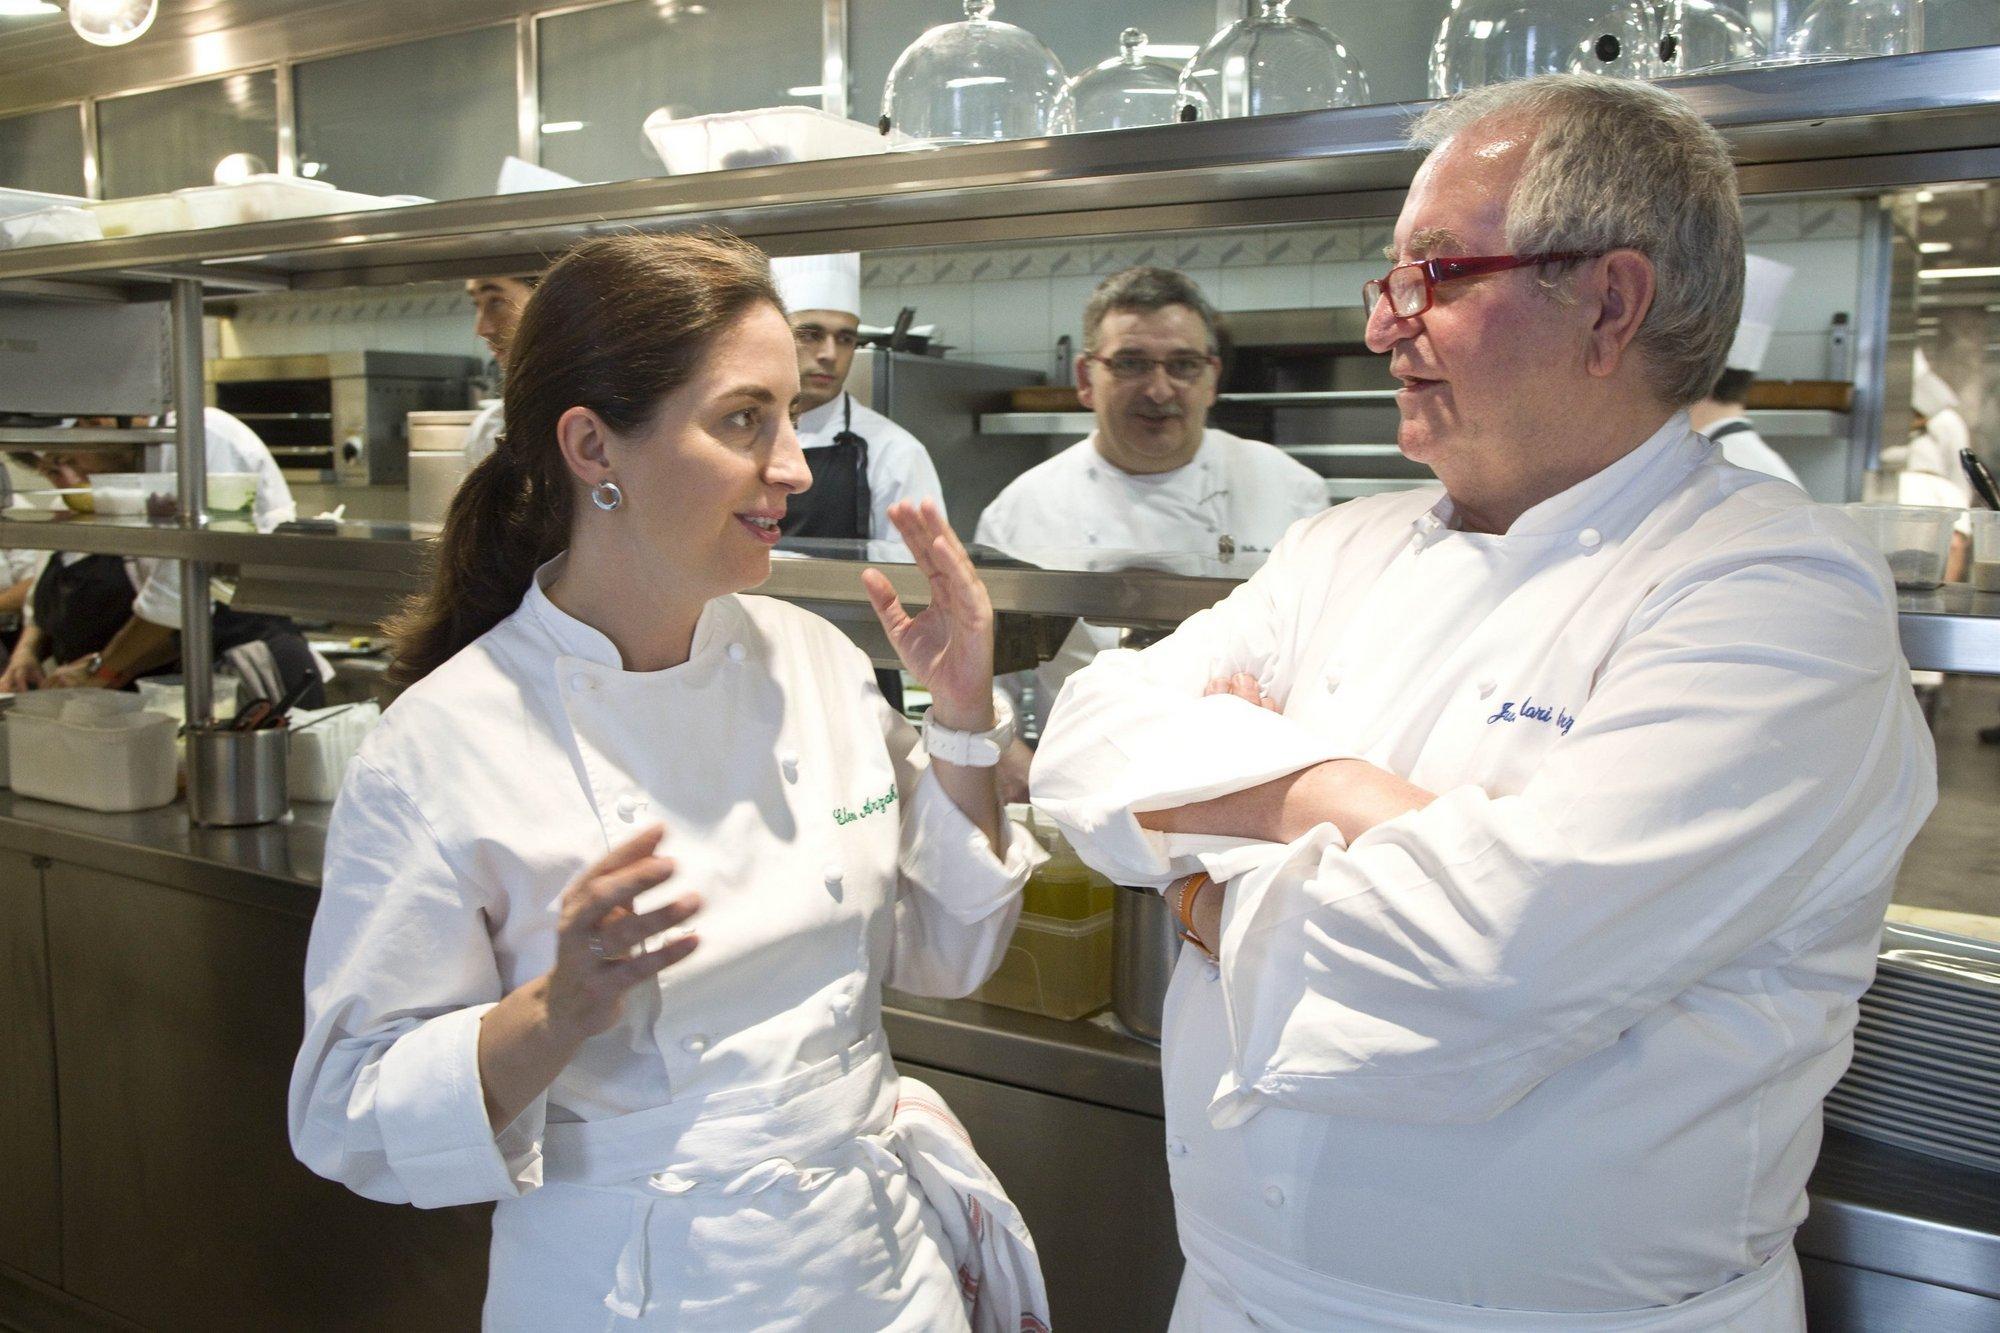 El cocinero español Arzak se encargará de alimentar al equipo HRT durante los Grandes Premios